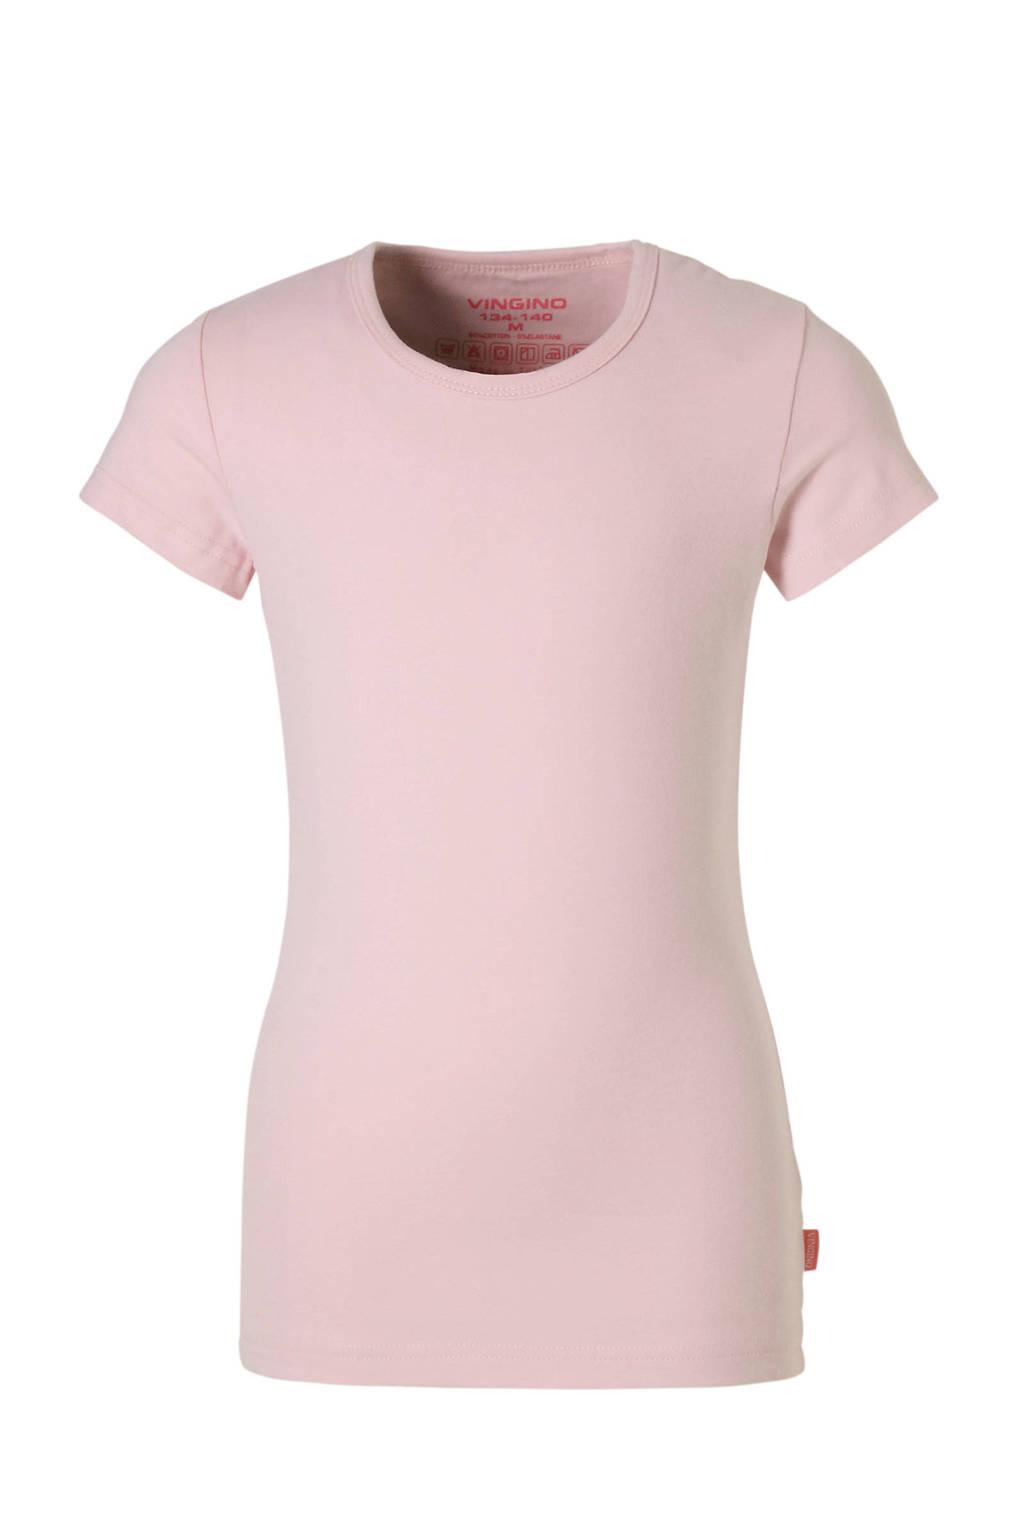 Vingino T-shirt roze, Roze